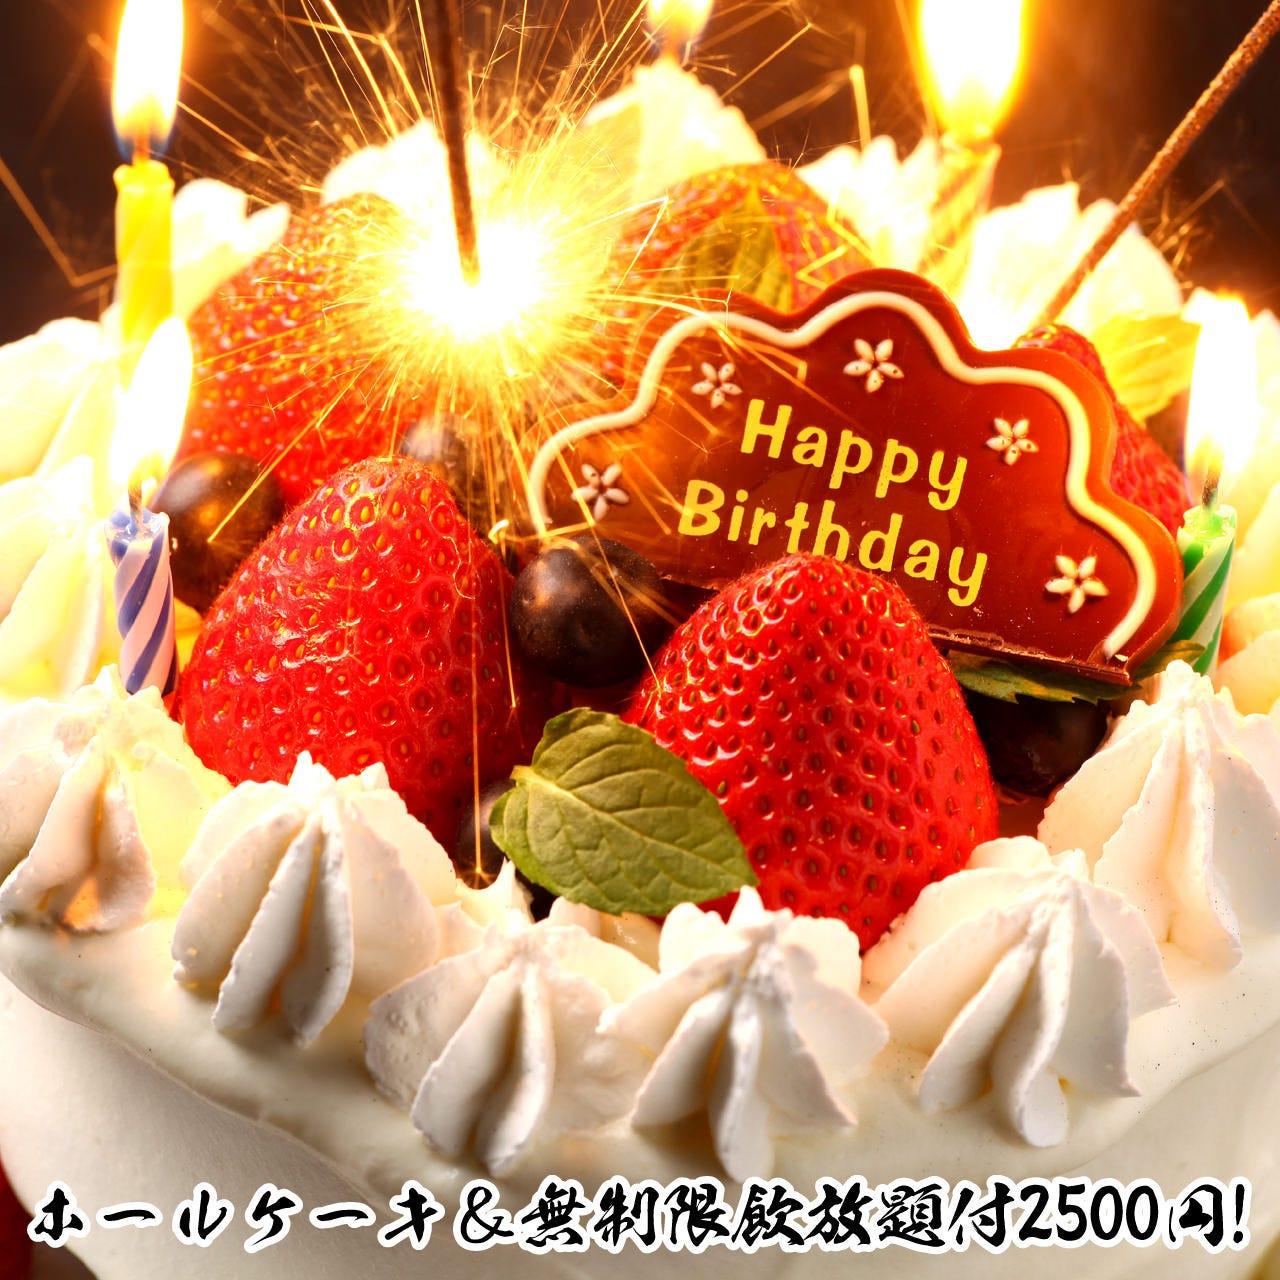 《誕生日・記念日》サプライズ演出